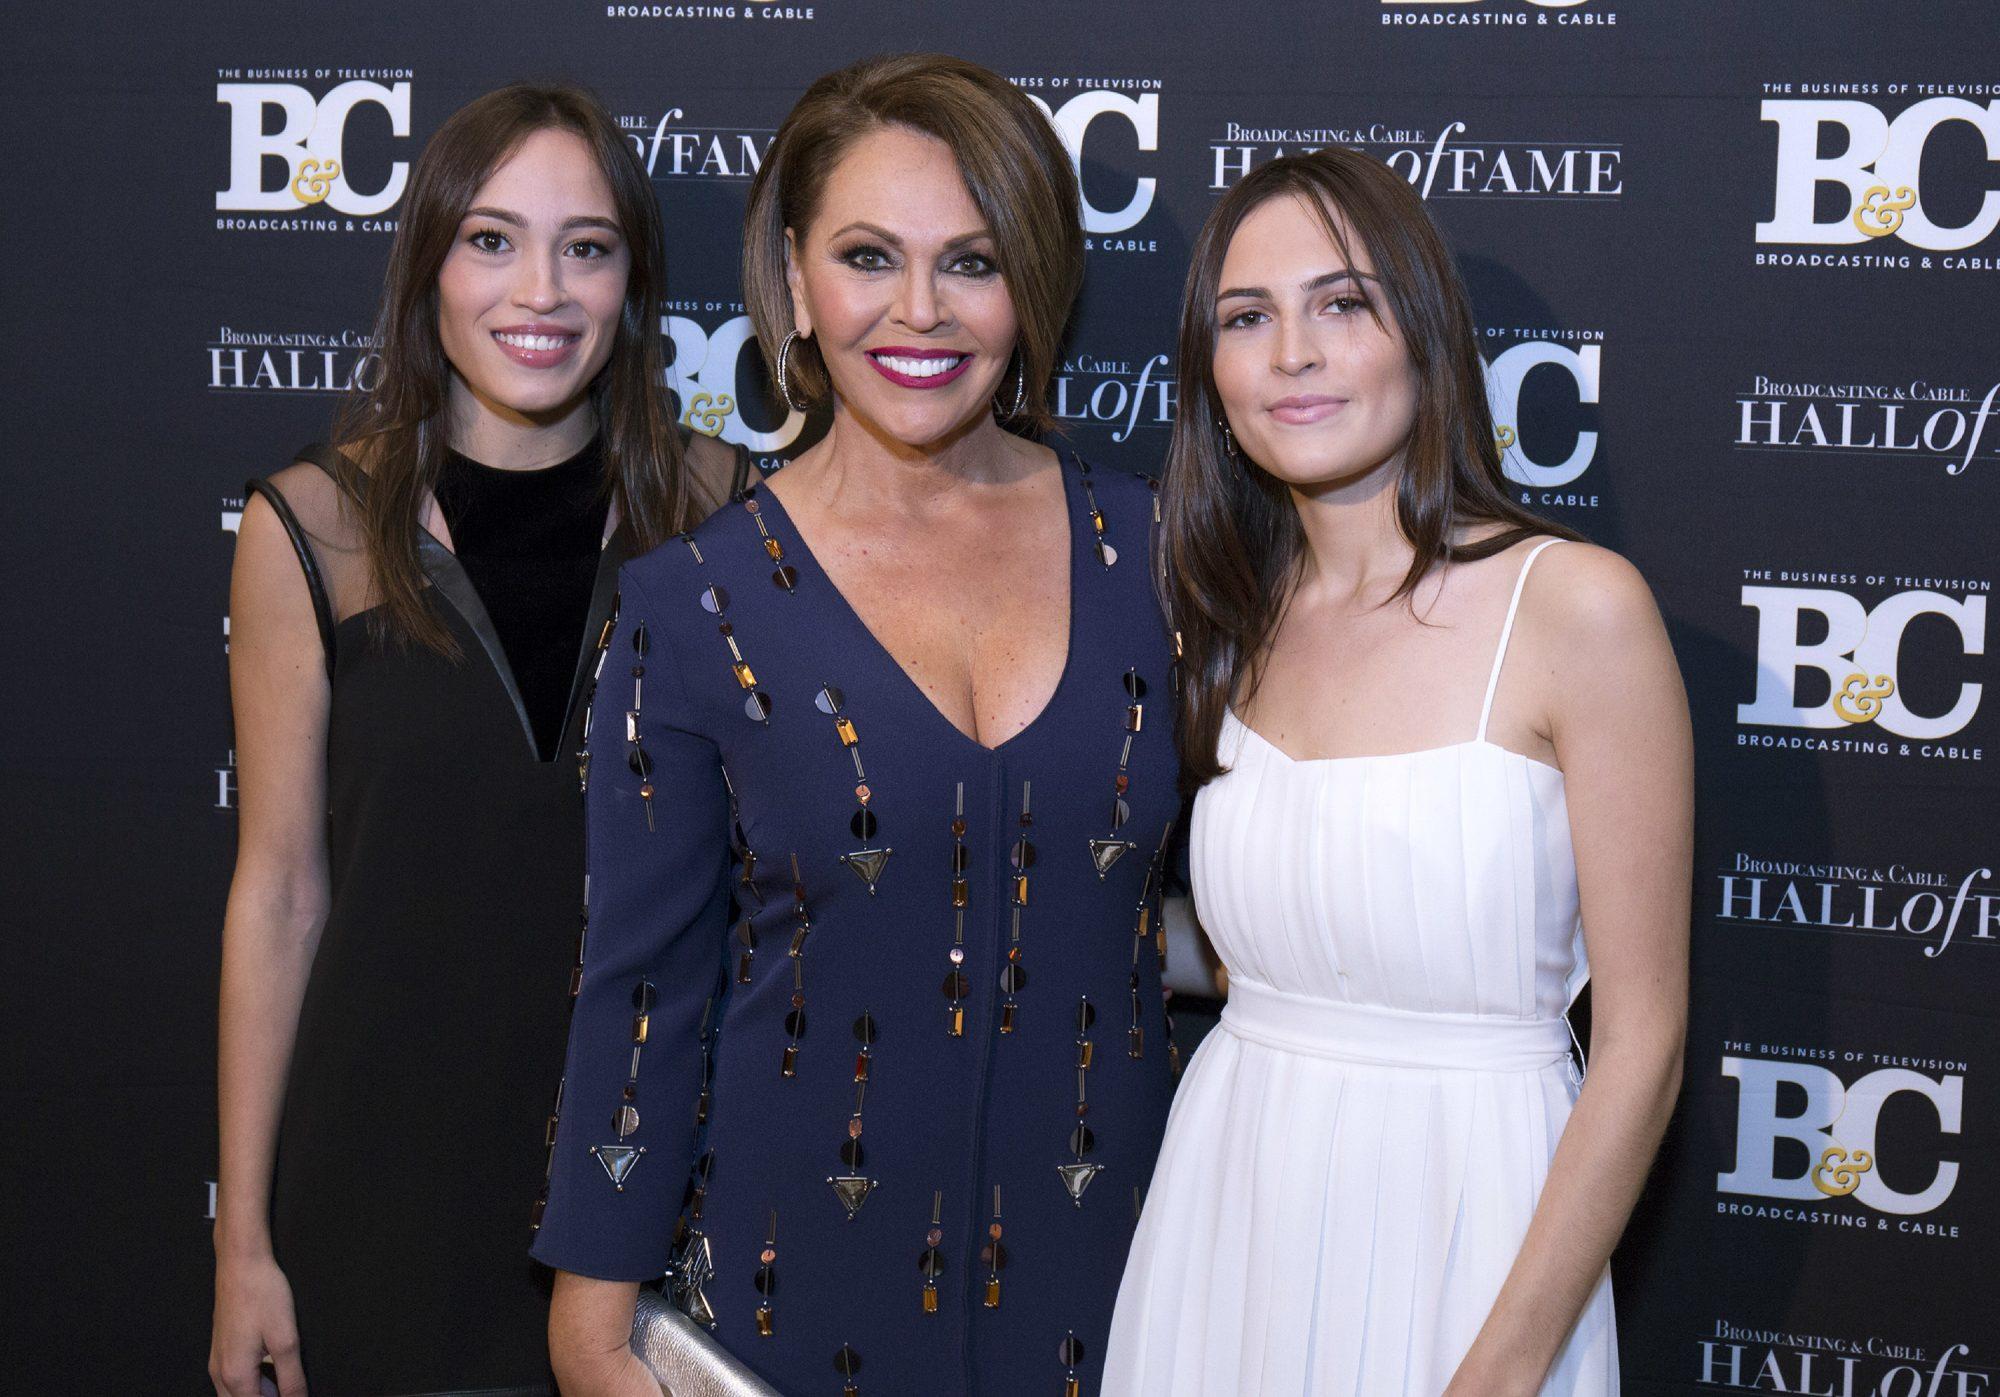 María Elena Salinas, Julia Alajandra, Gabriela María